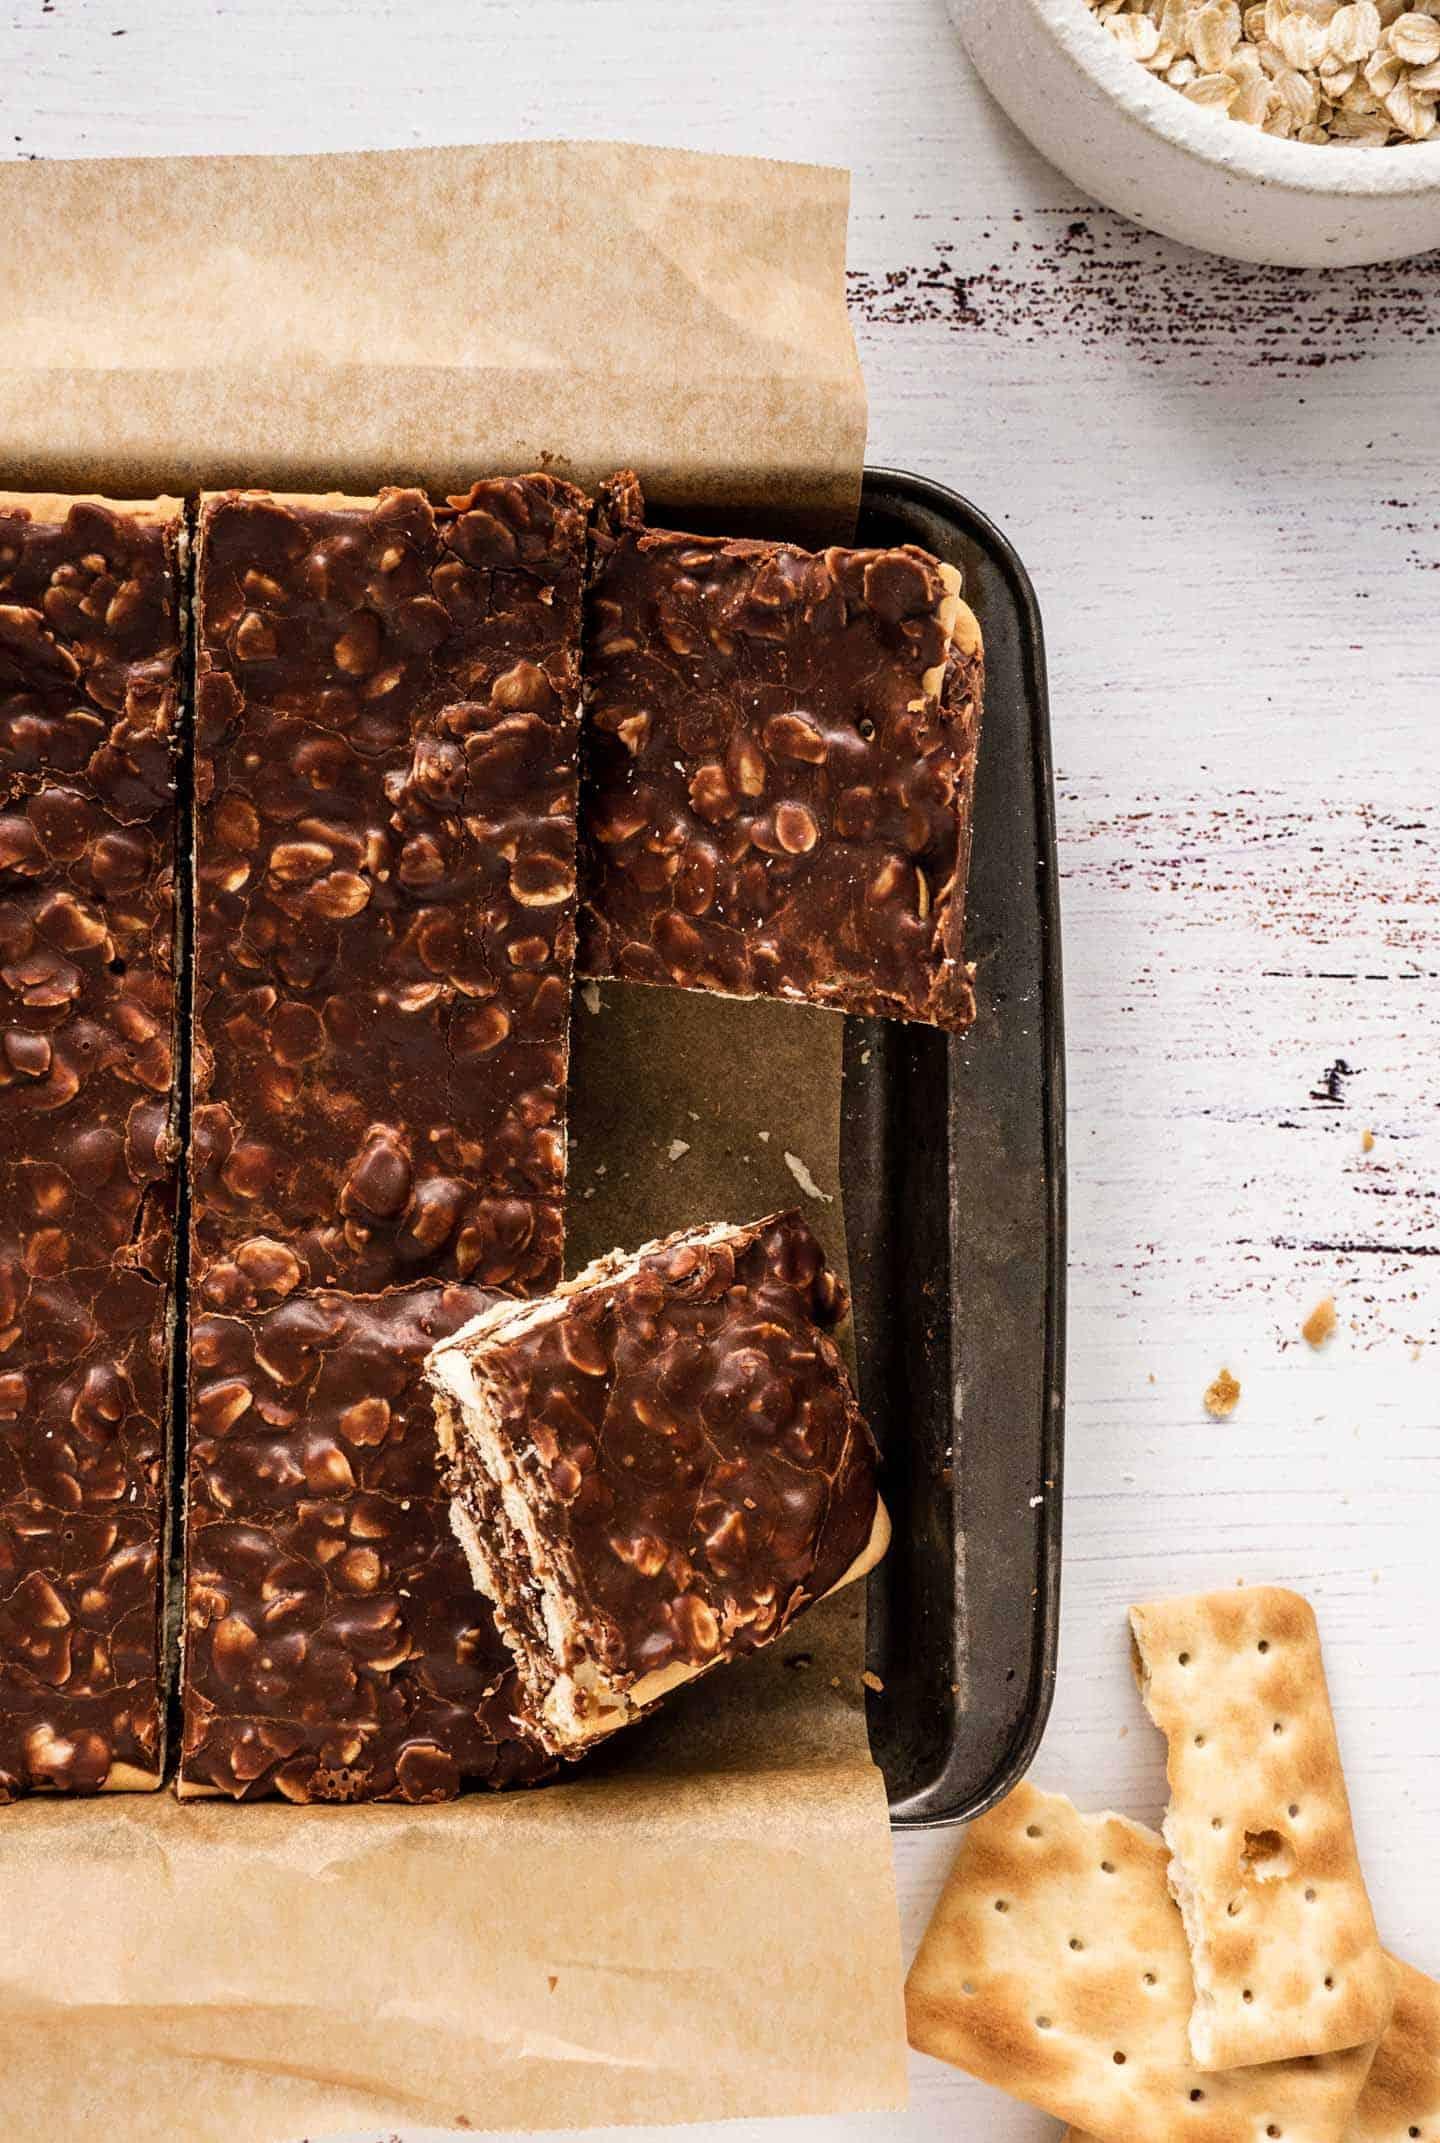 Turrón de chocolate derretido y avena en capas de galletitas secas, un clásico de la infancia de muchos argentinos.